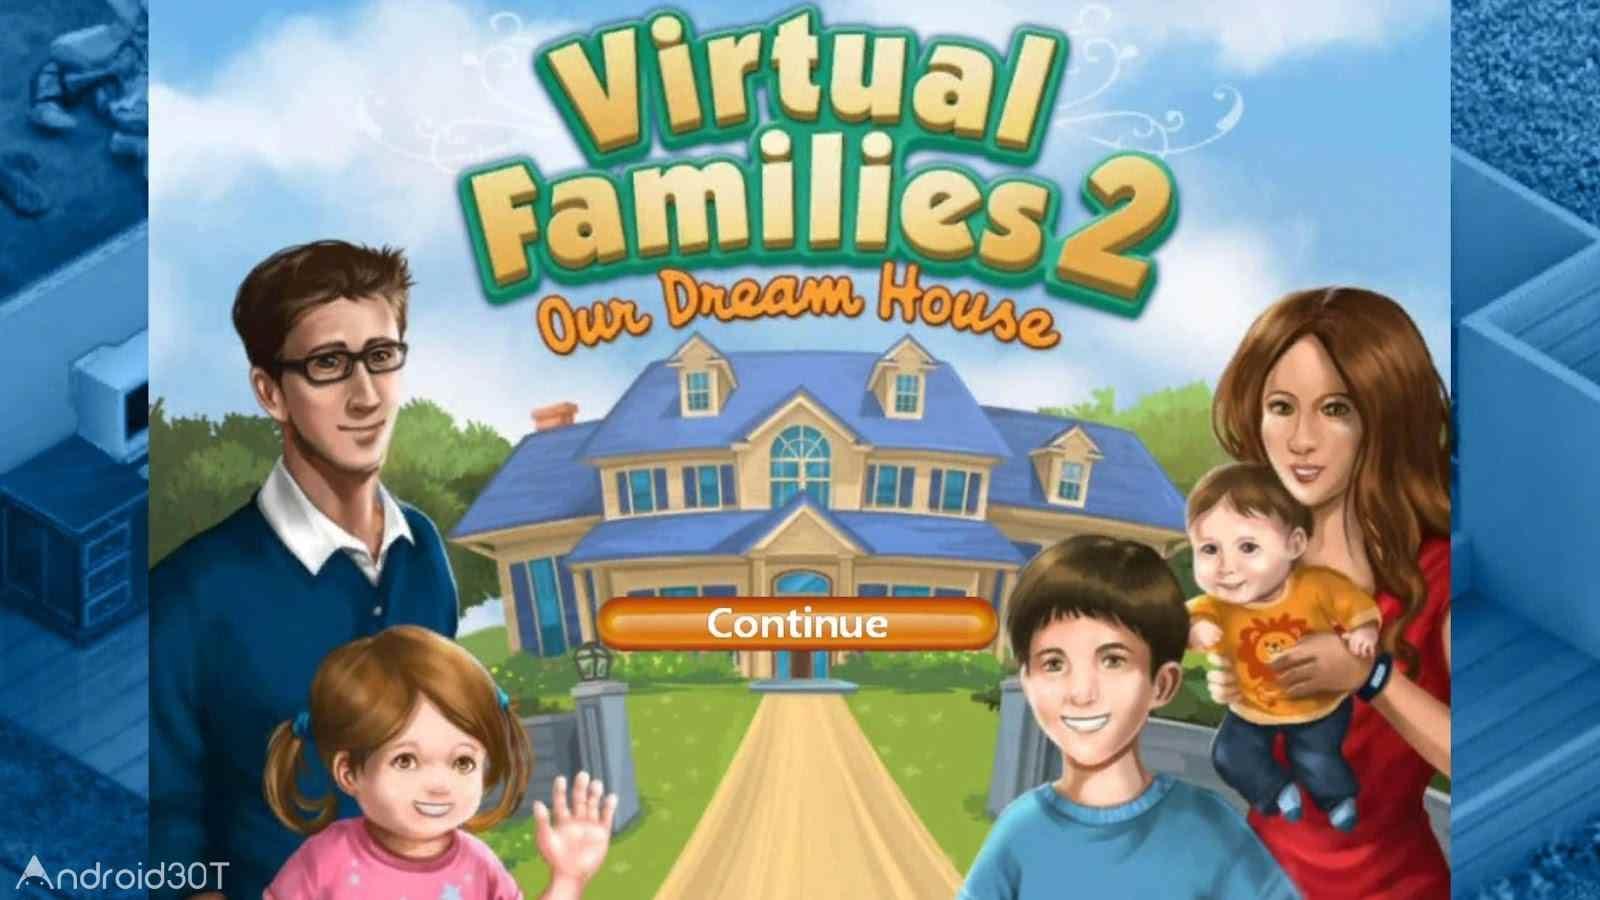 دانلود Virtual Families 2 1.7.5 – بازی پرطرفدار خانواده مجازی ۲ اندروید